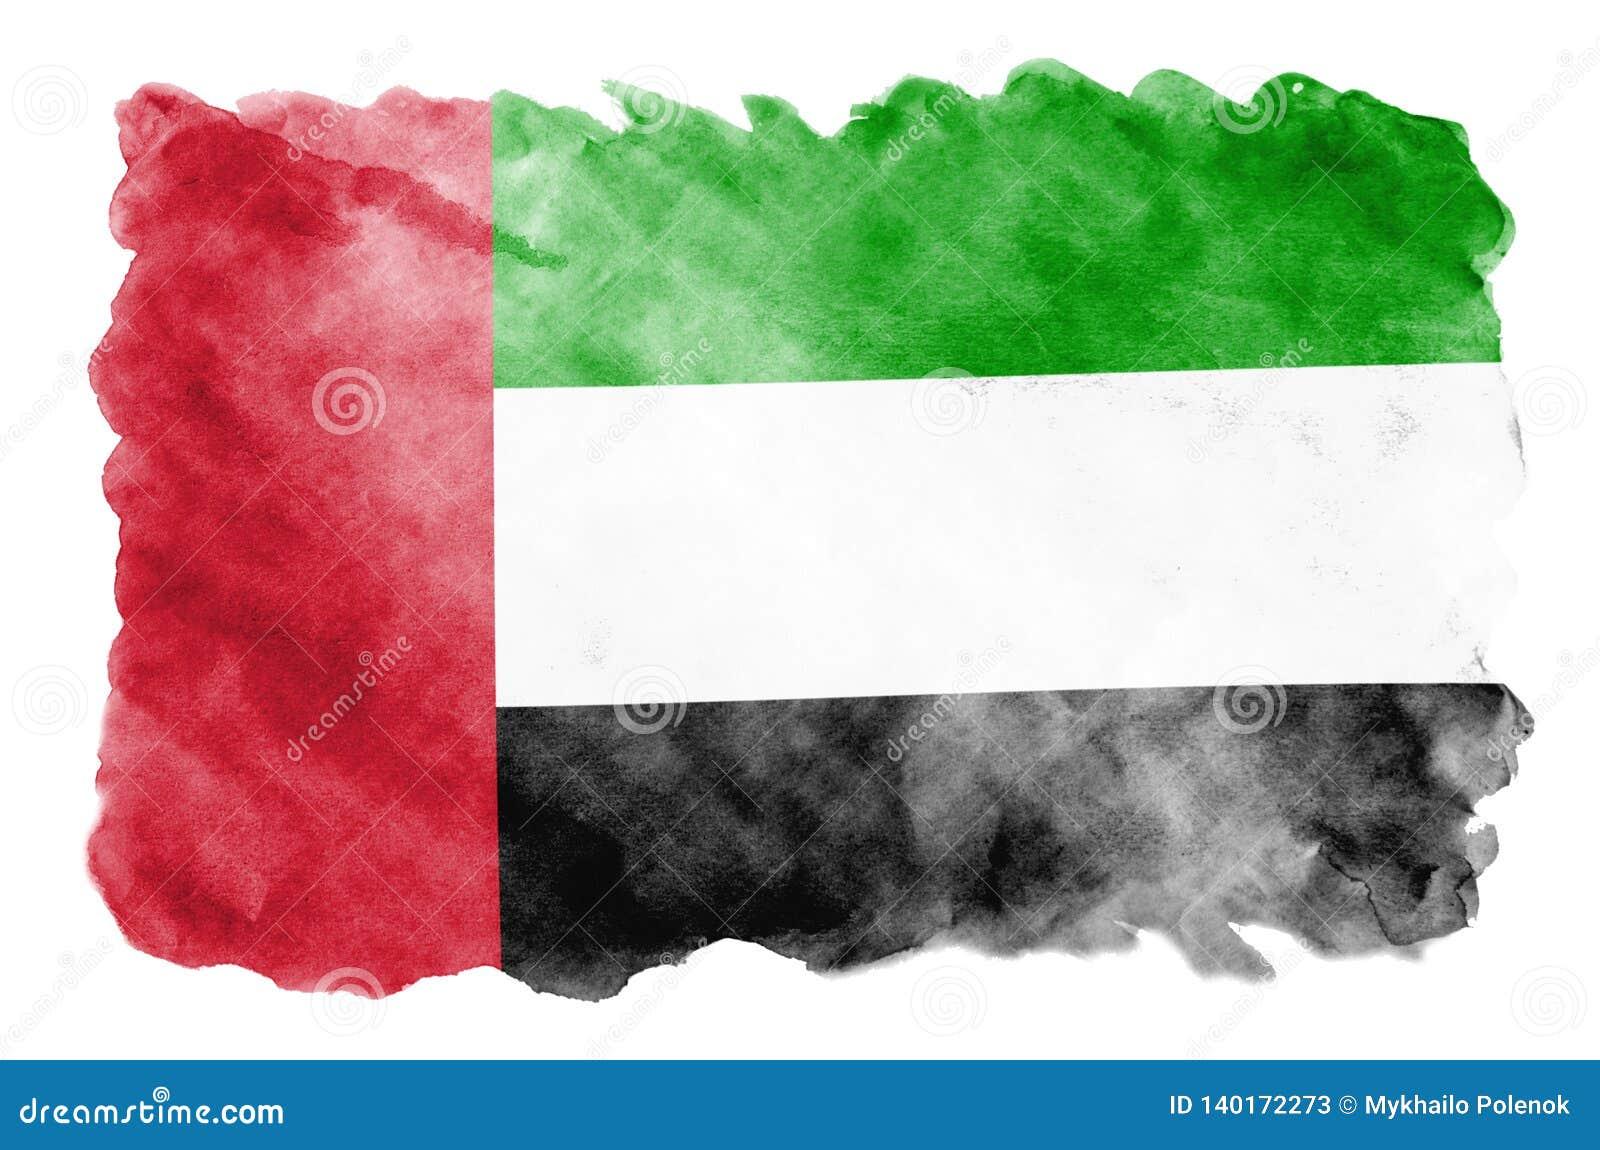 Zjednoczone Emiraty Arabskie flaga przedstawia w ciekłym akwarela stylu odizolowywającym na białym tle